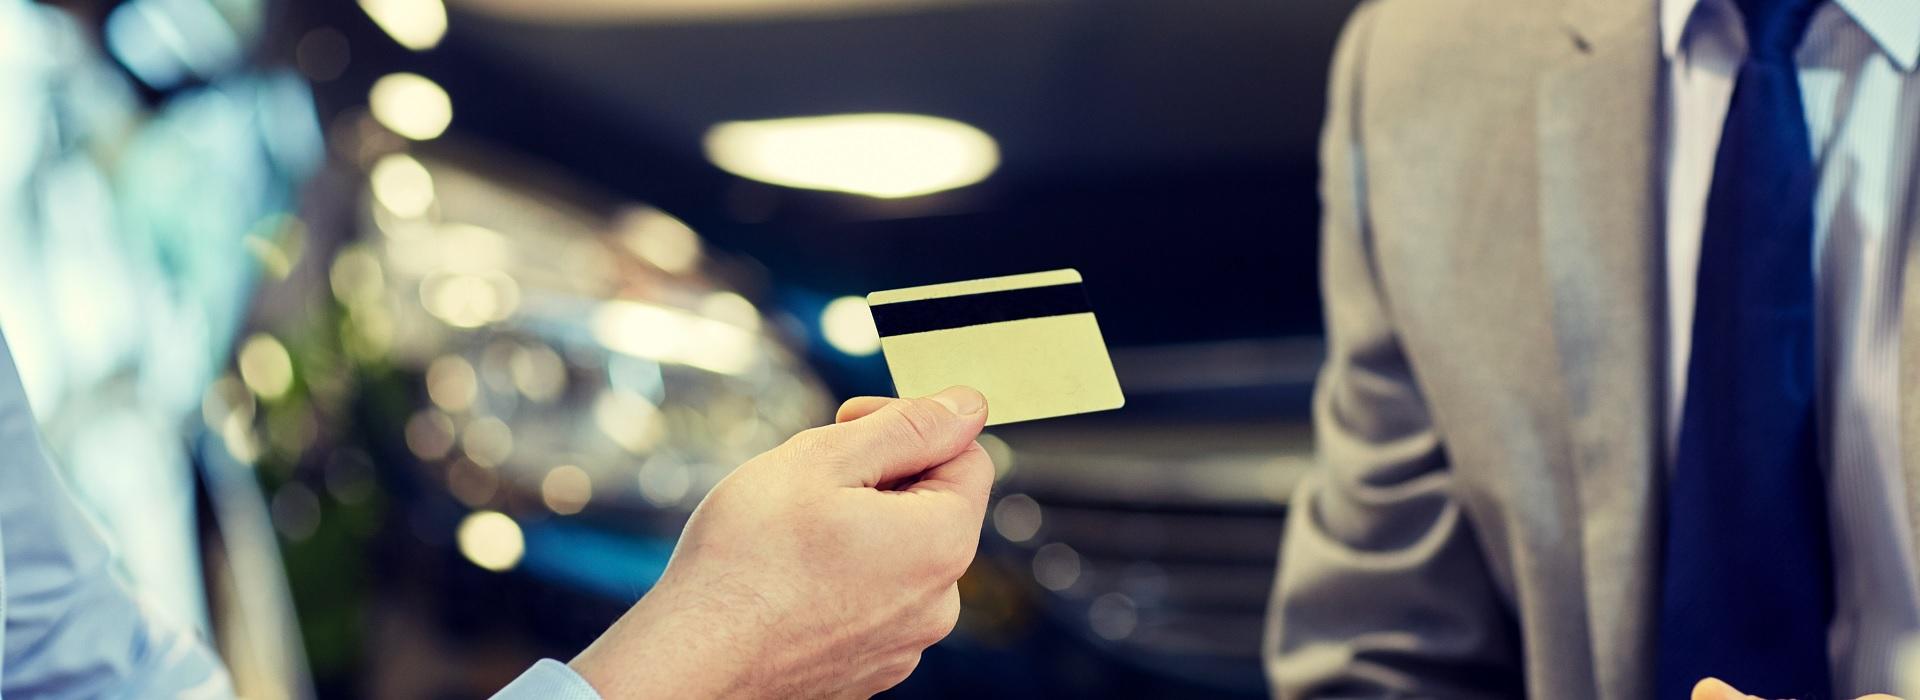 卡面有花香味!七張認同卡出列 看看你居住地有沒有專屬信用卡